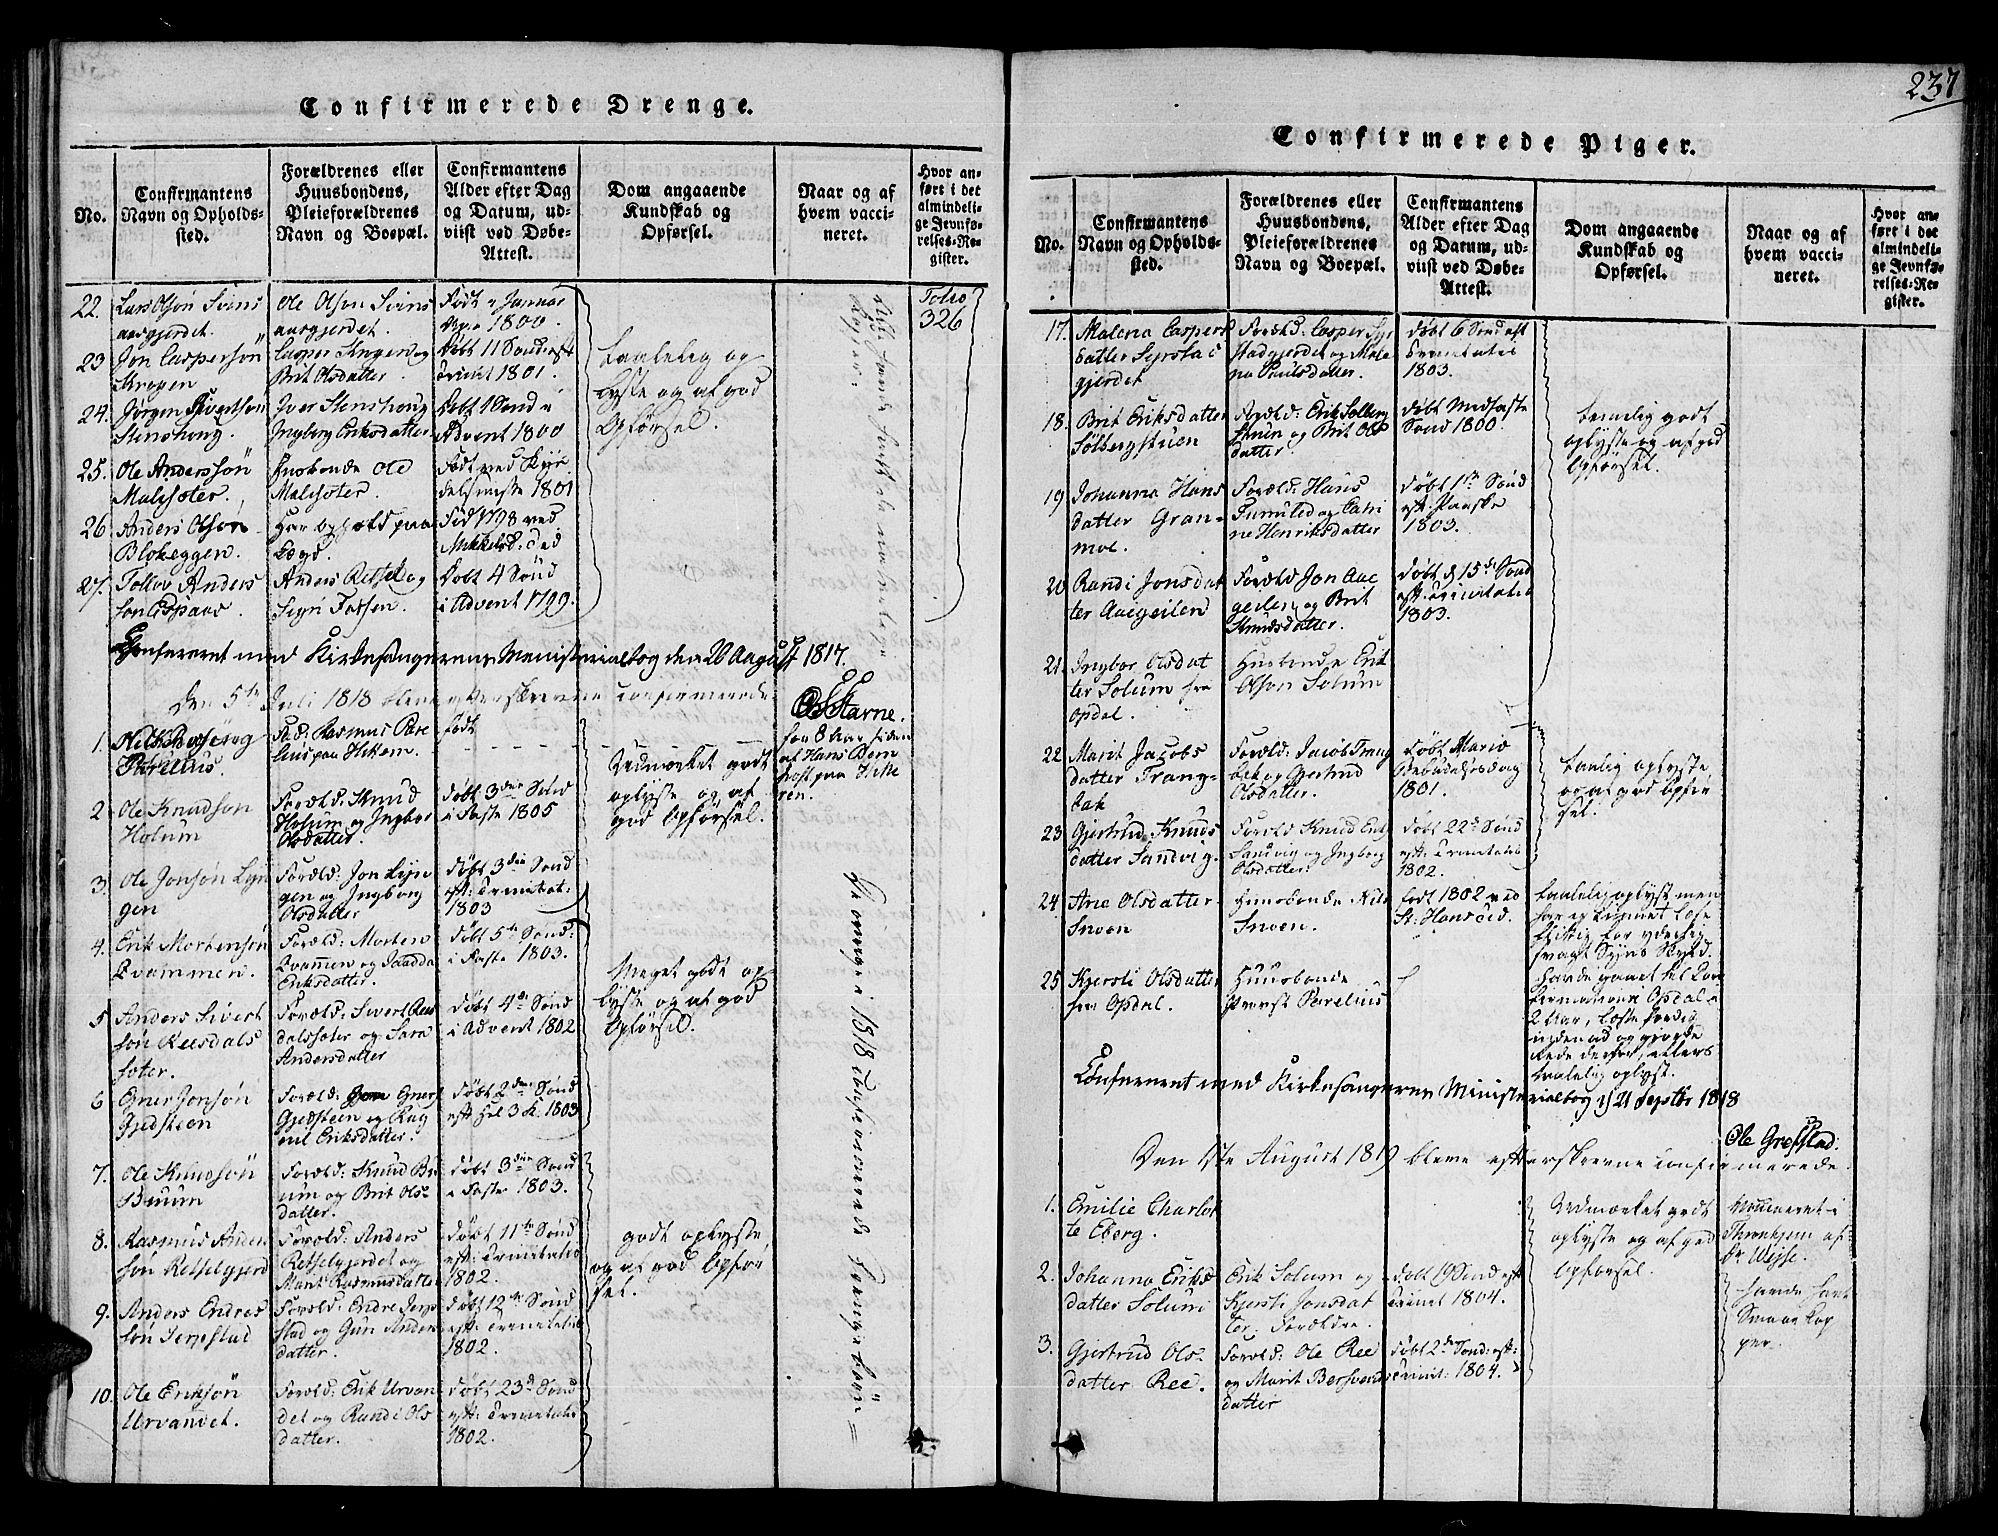 SAT, Ministerialprotokoller, klokkerbøker og fødselsregistre - Sør-Trøndelag, 672/L0853: Ministerialbok nr. 672A06 /1, 1816-1829, s. 237